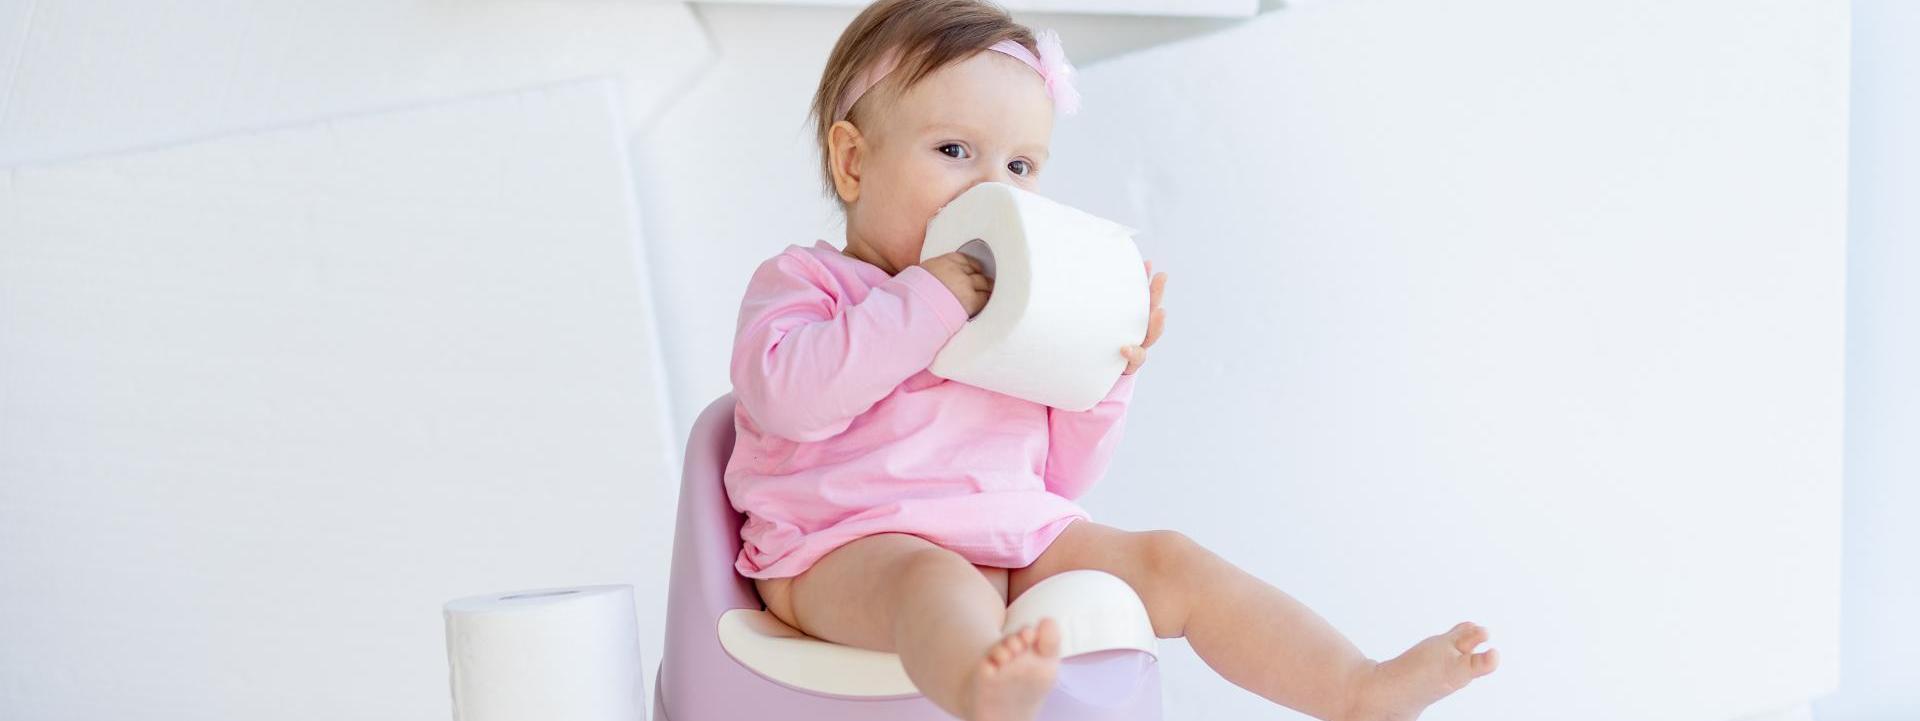 ¿Qué podemos hacer en casa cuando nuestro peque tiene diarrea?